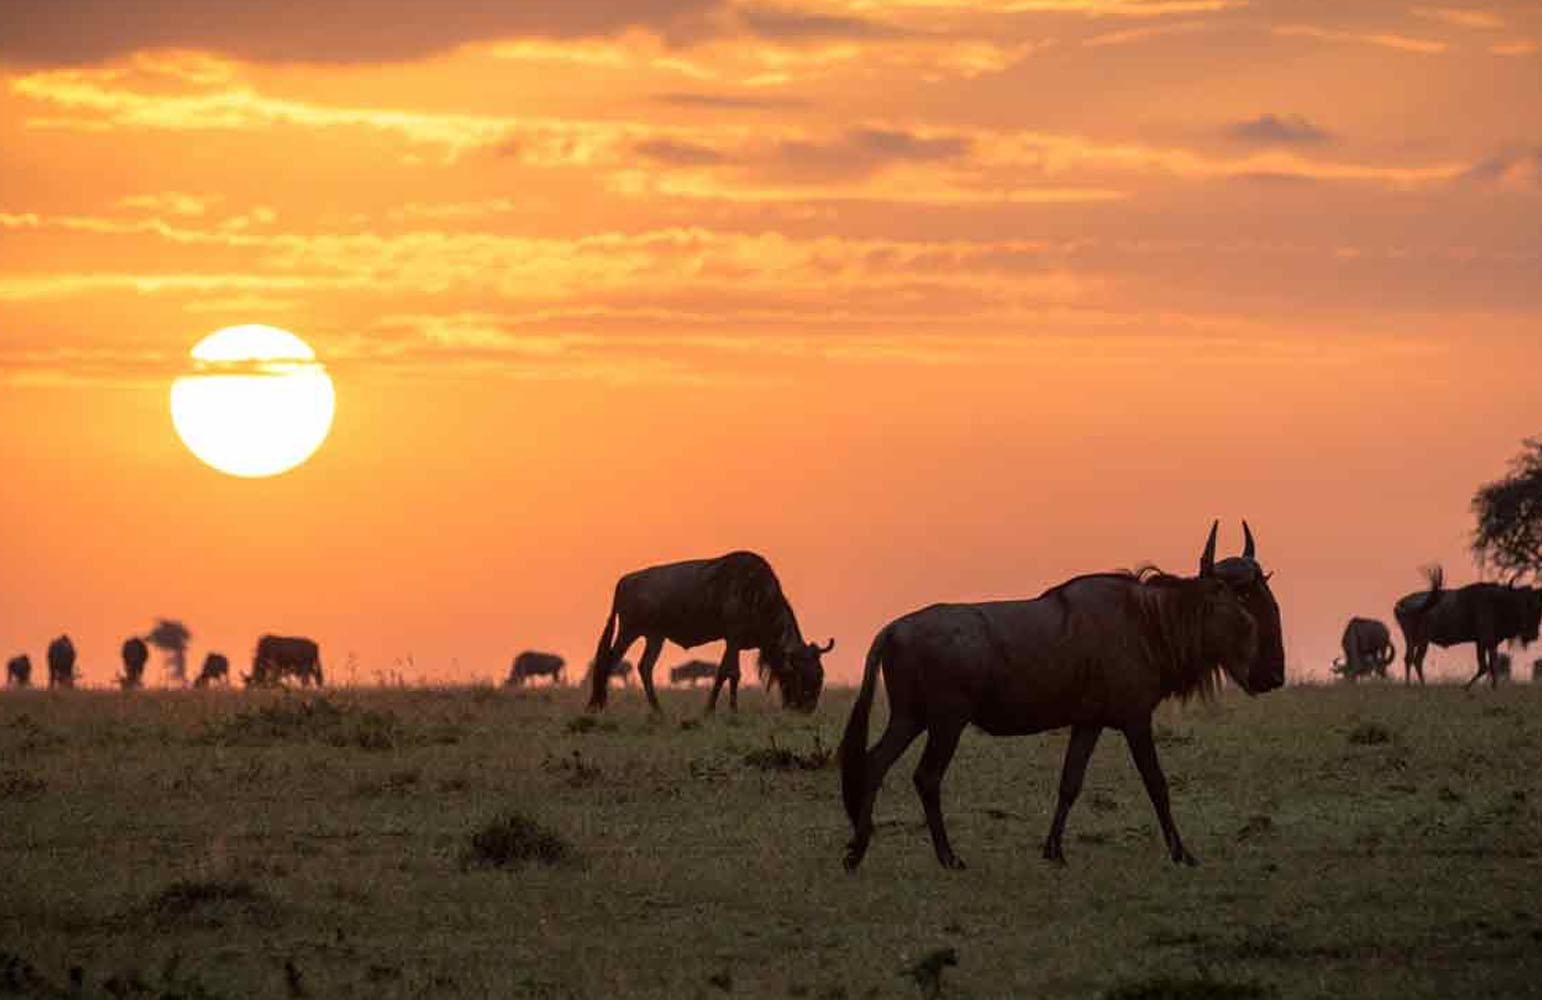 8-Day Trip to Kenya - Exploring Game Reserves, Big 5 Sighting 2